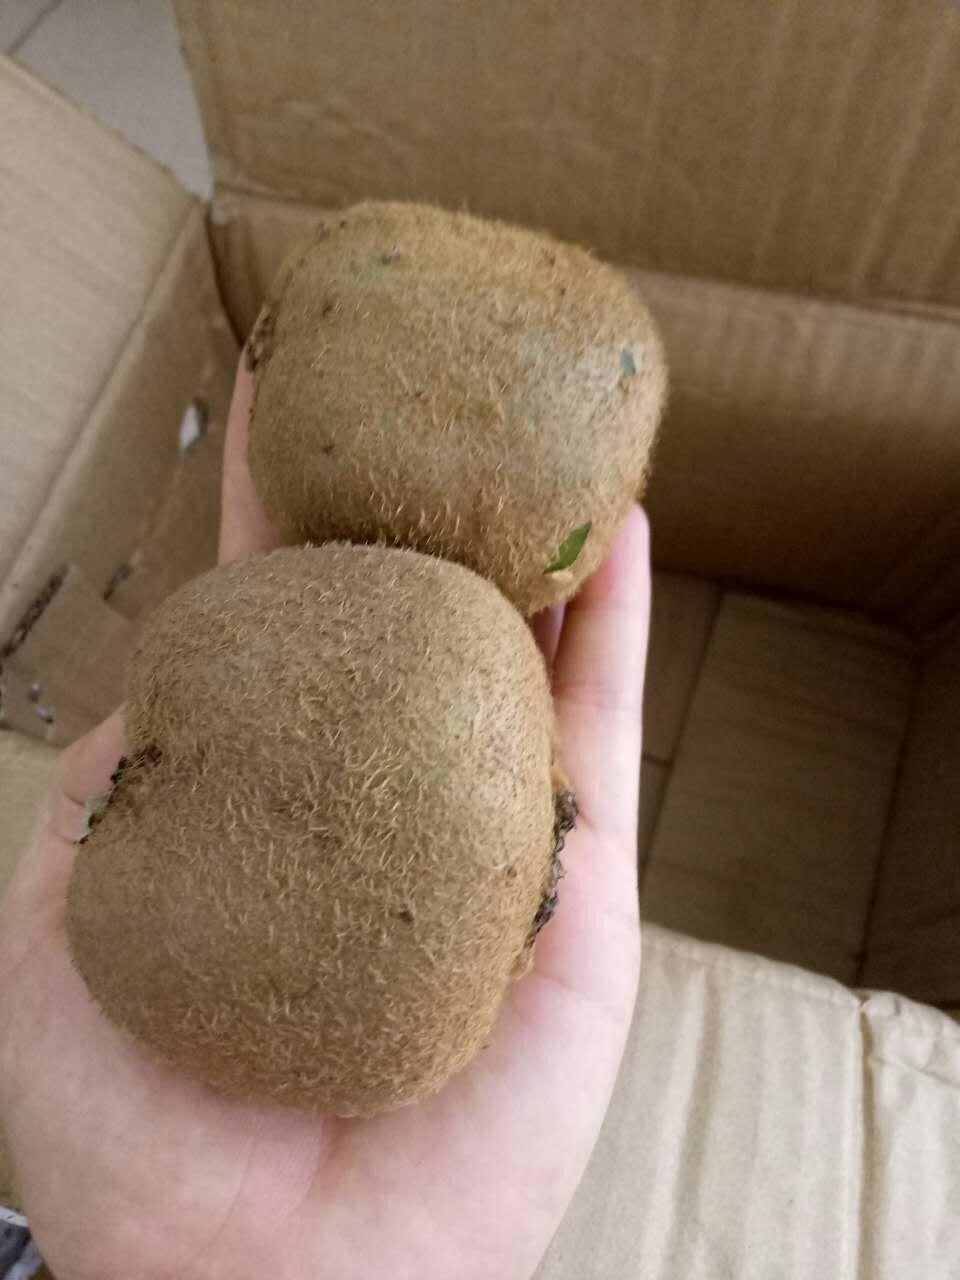 15.9元一件的陕西绿心猕猴桃你还在抢吗?